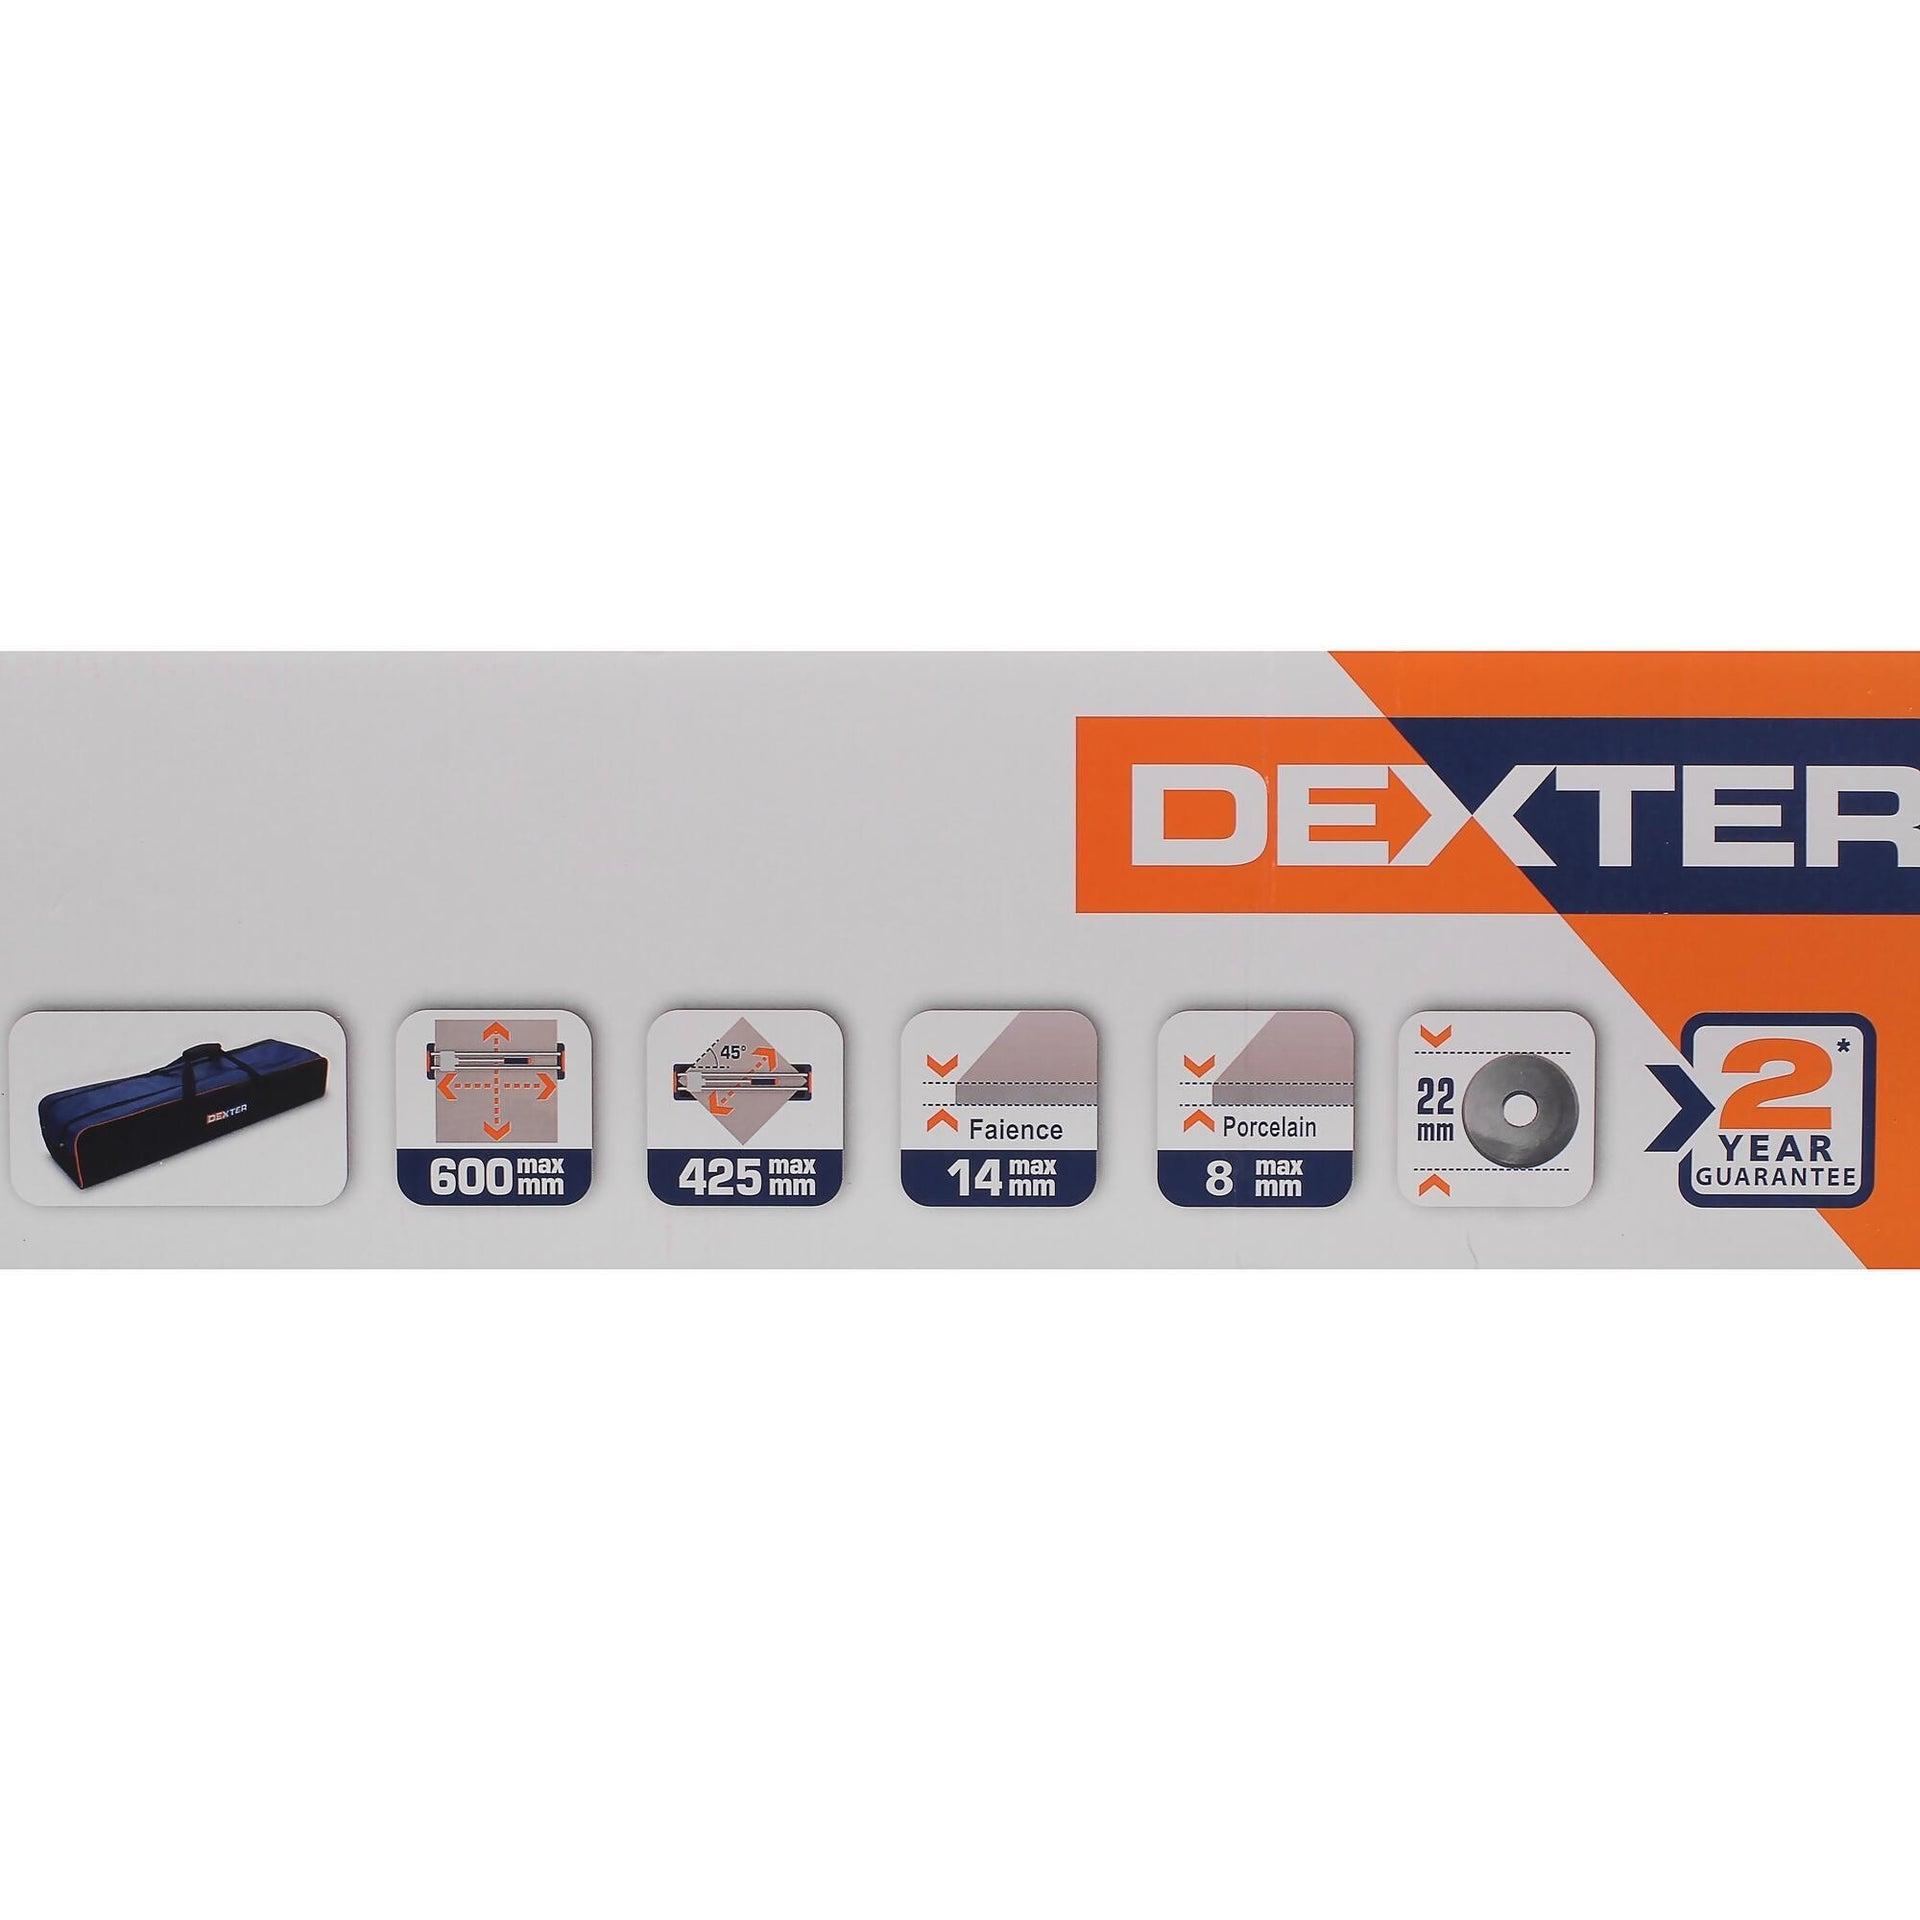 Tagliapiastrelle manuale DEXTER , lunghezza max taglio 600 mm - 10